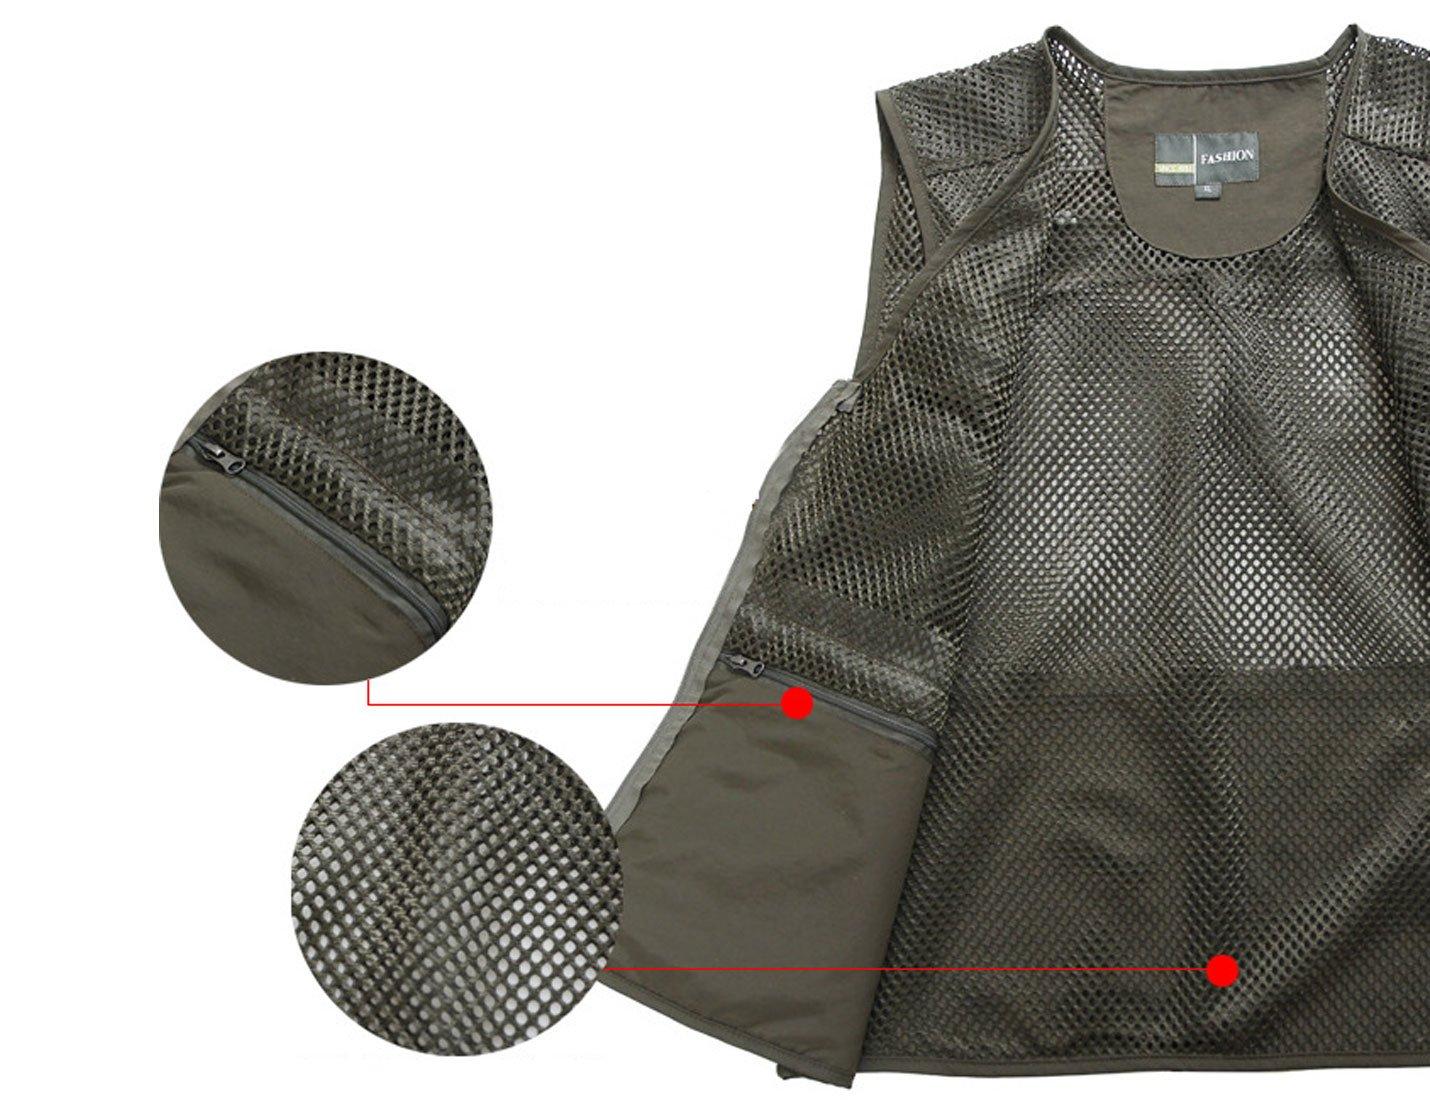 Zhusheng Men's Mesh 16 Pockets Photography Fishing Travel Outdoor Quick Dry Vest Breathable Waistcoat Jackets (XX-Large, Light Khaki) by Zhusheng (Image #4)